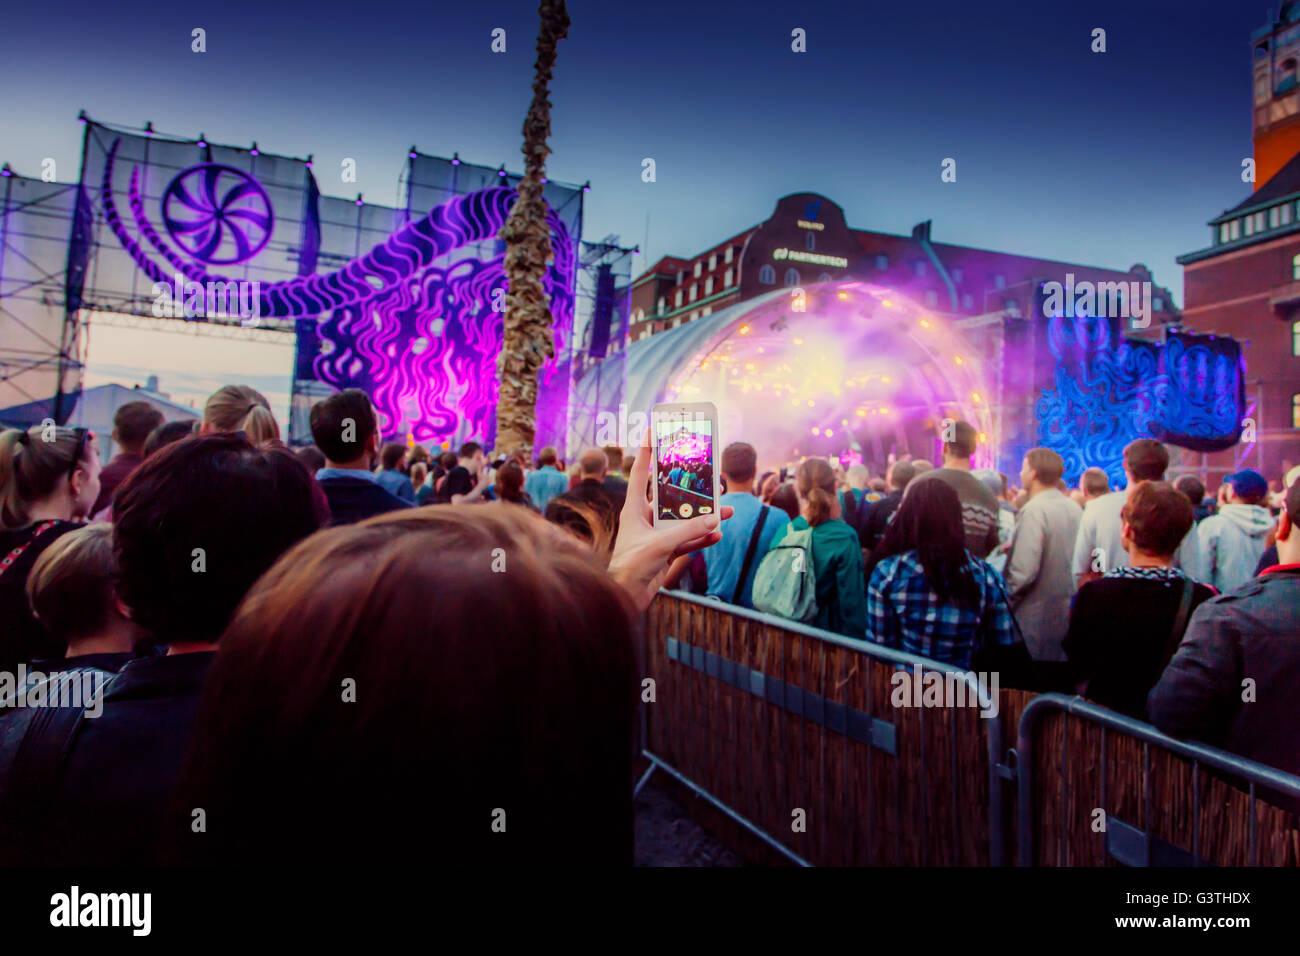 Schweden, Skane, Malmö, Zuschauer fotografieren Festival Leistung mit Smartphone Stockbild